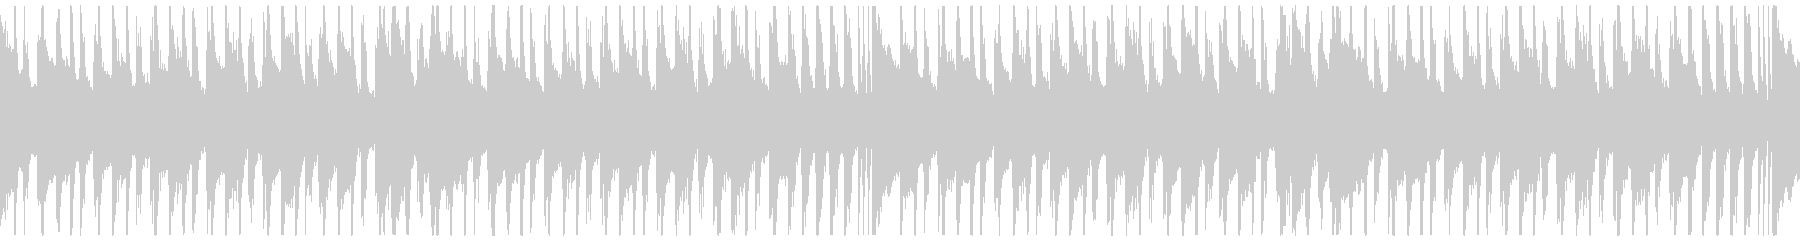 軽快な日常ポップスBGMループ仕様の未再生の波形